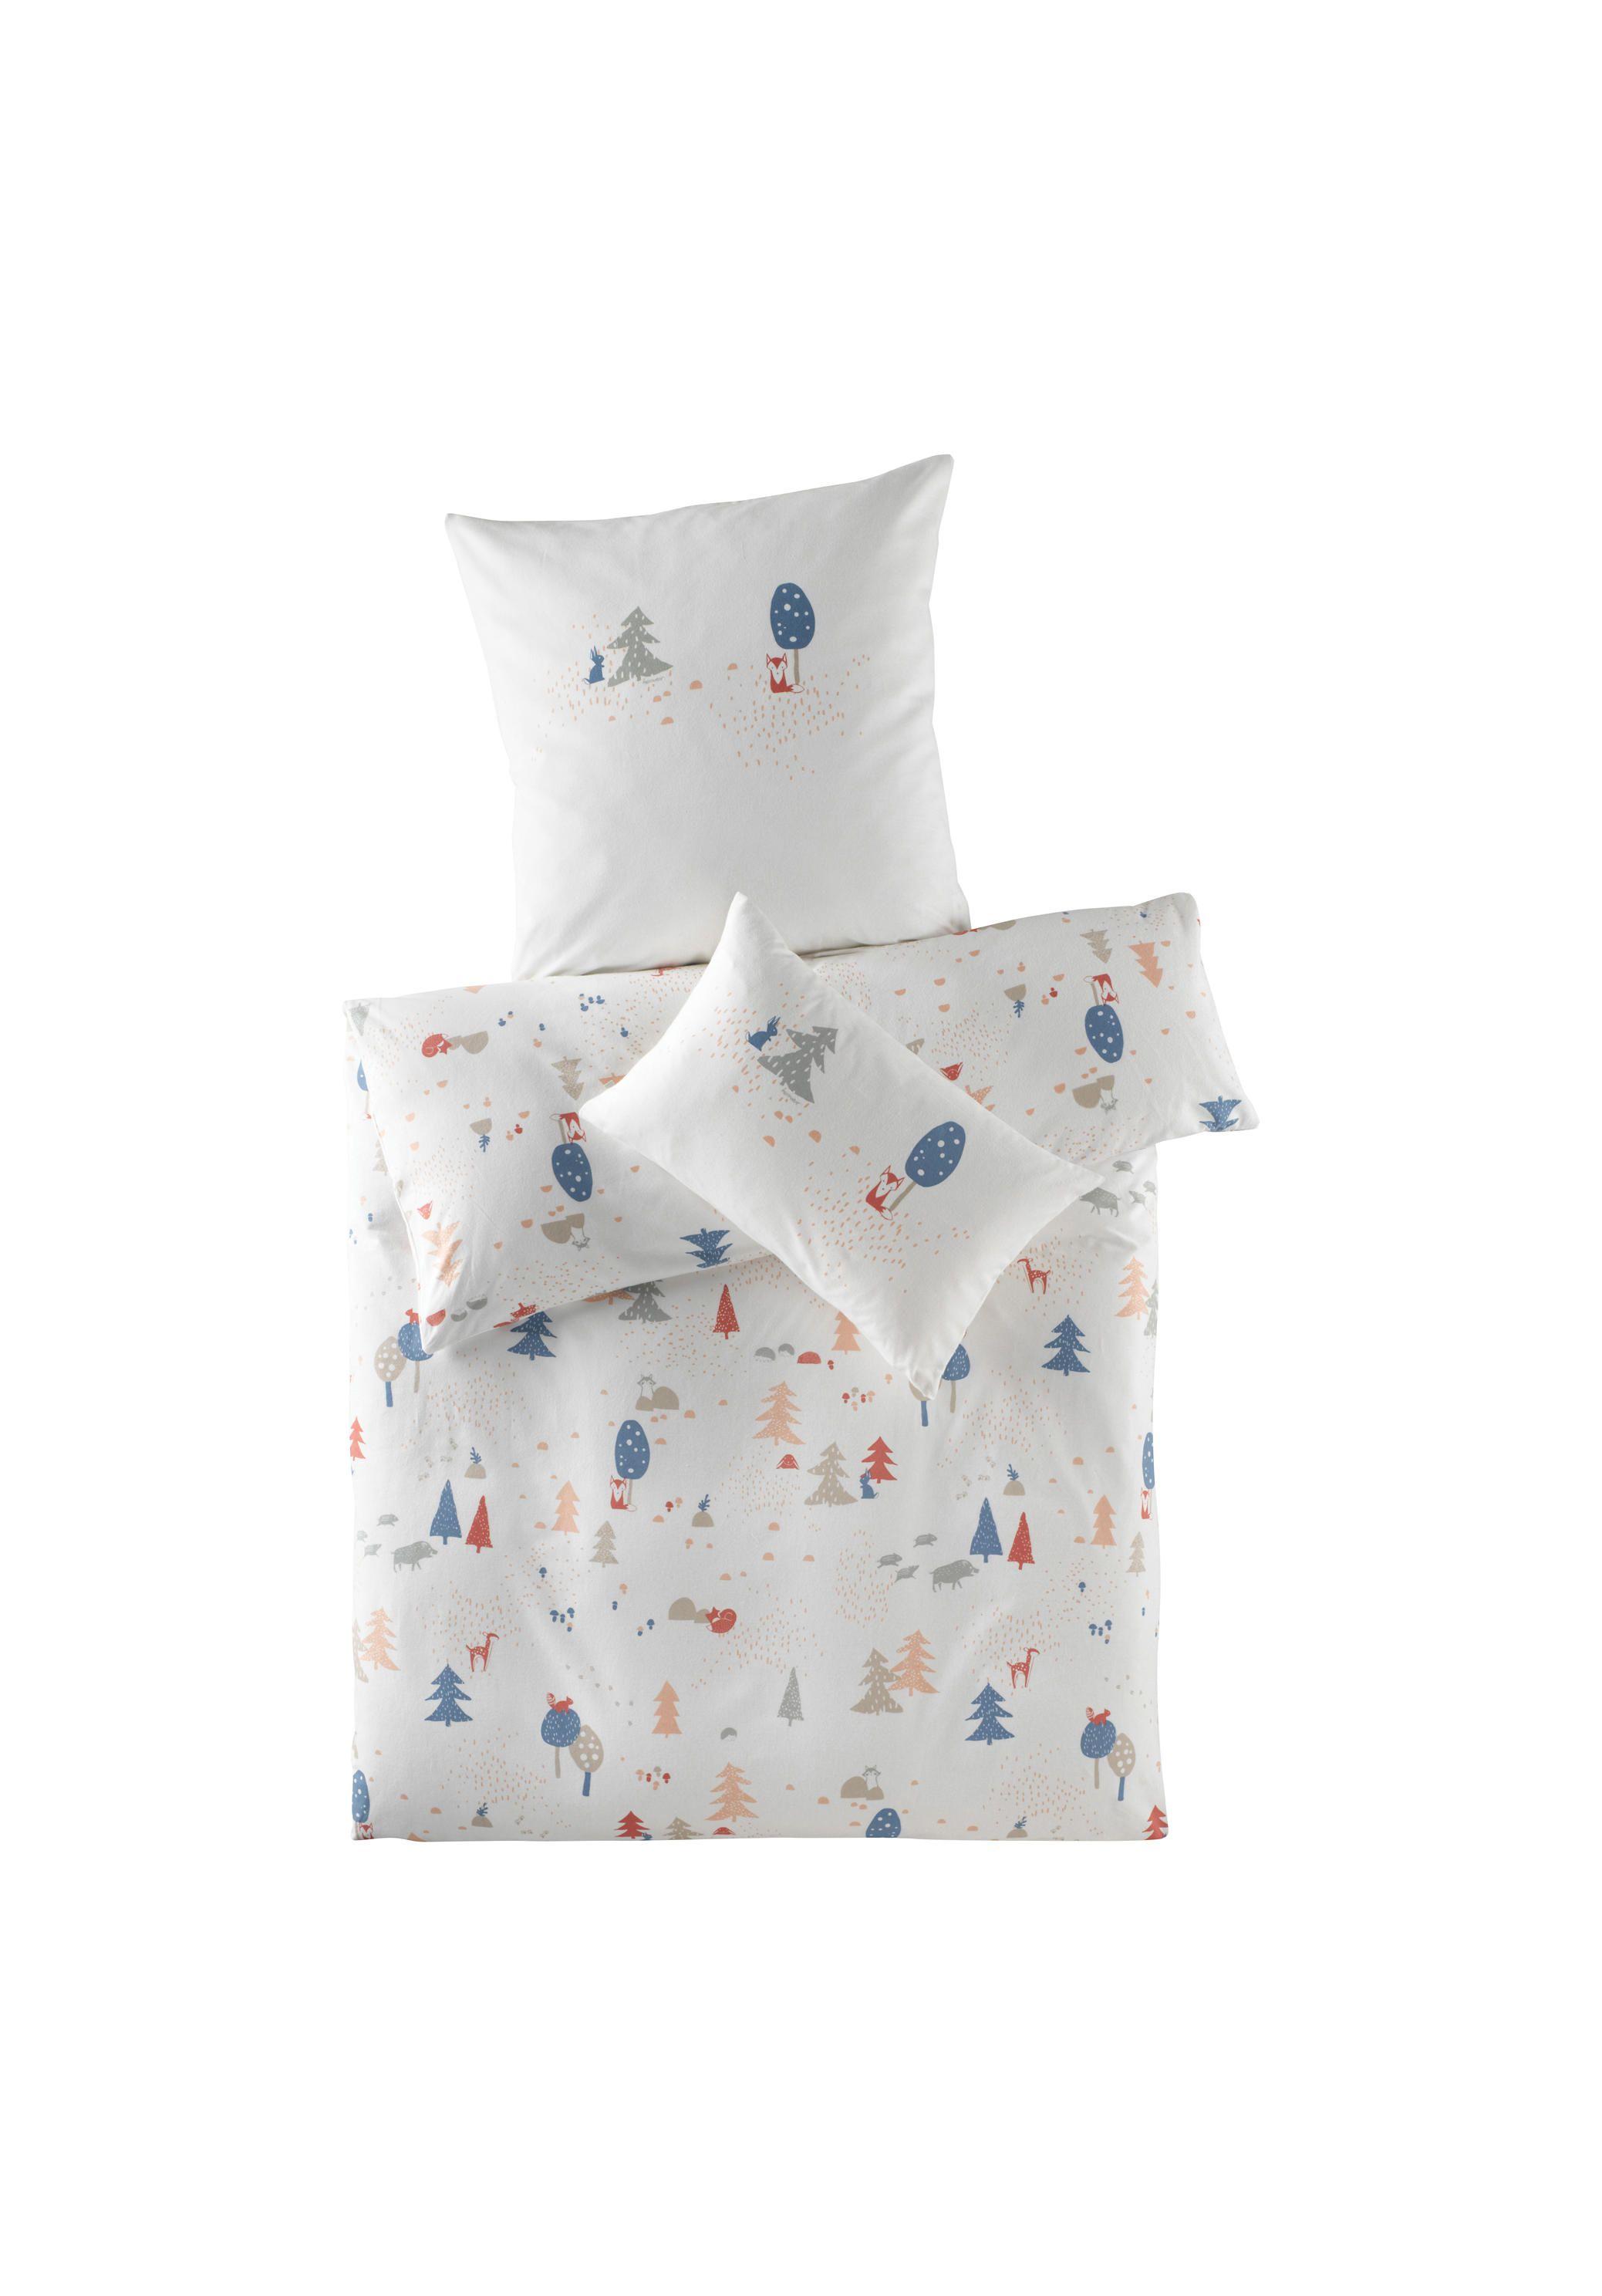 Biber Bettwäsche Für Baby Und Kinder Aus Reiner Bio Baumwolle Bettwäsche Kinder Biber Bettwäsche Baby